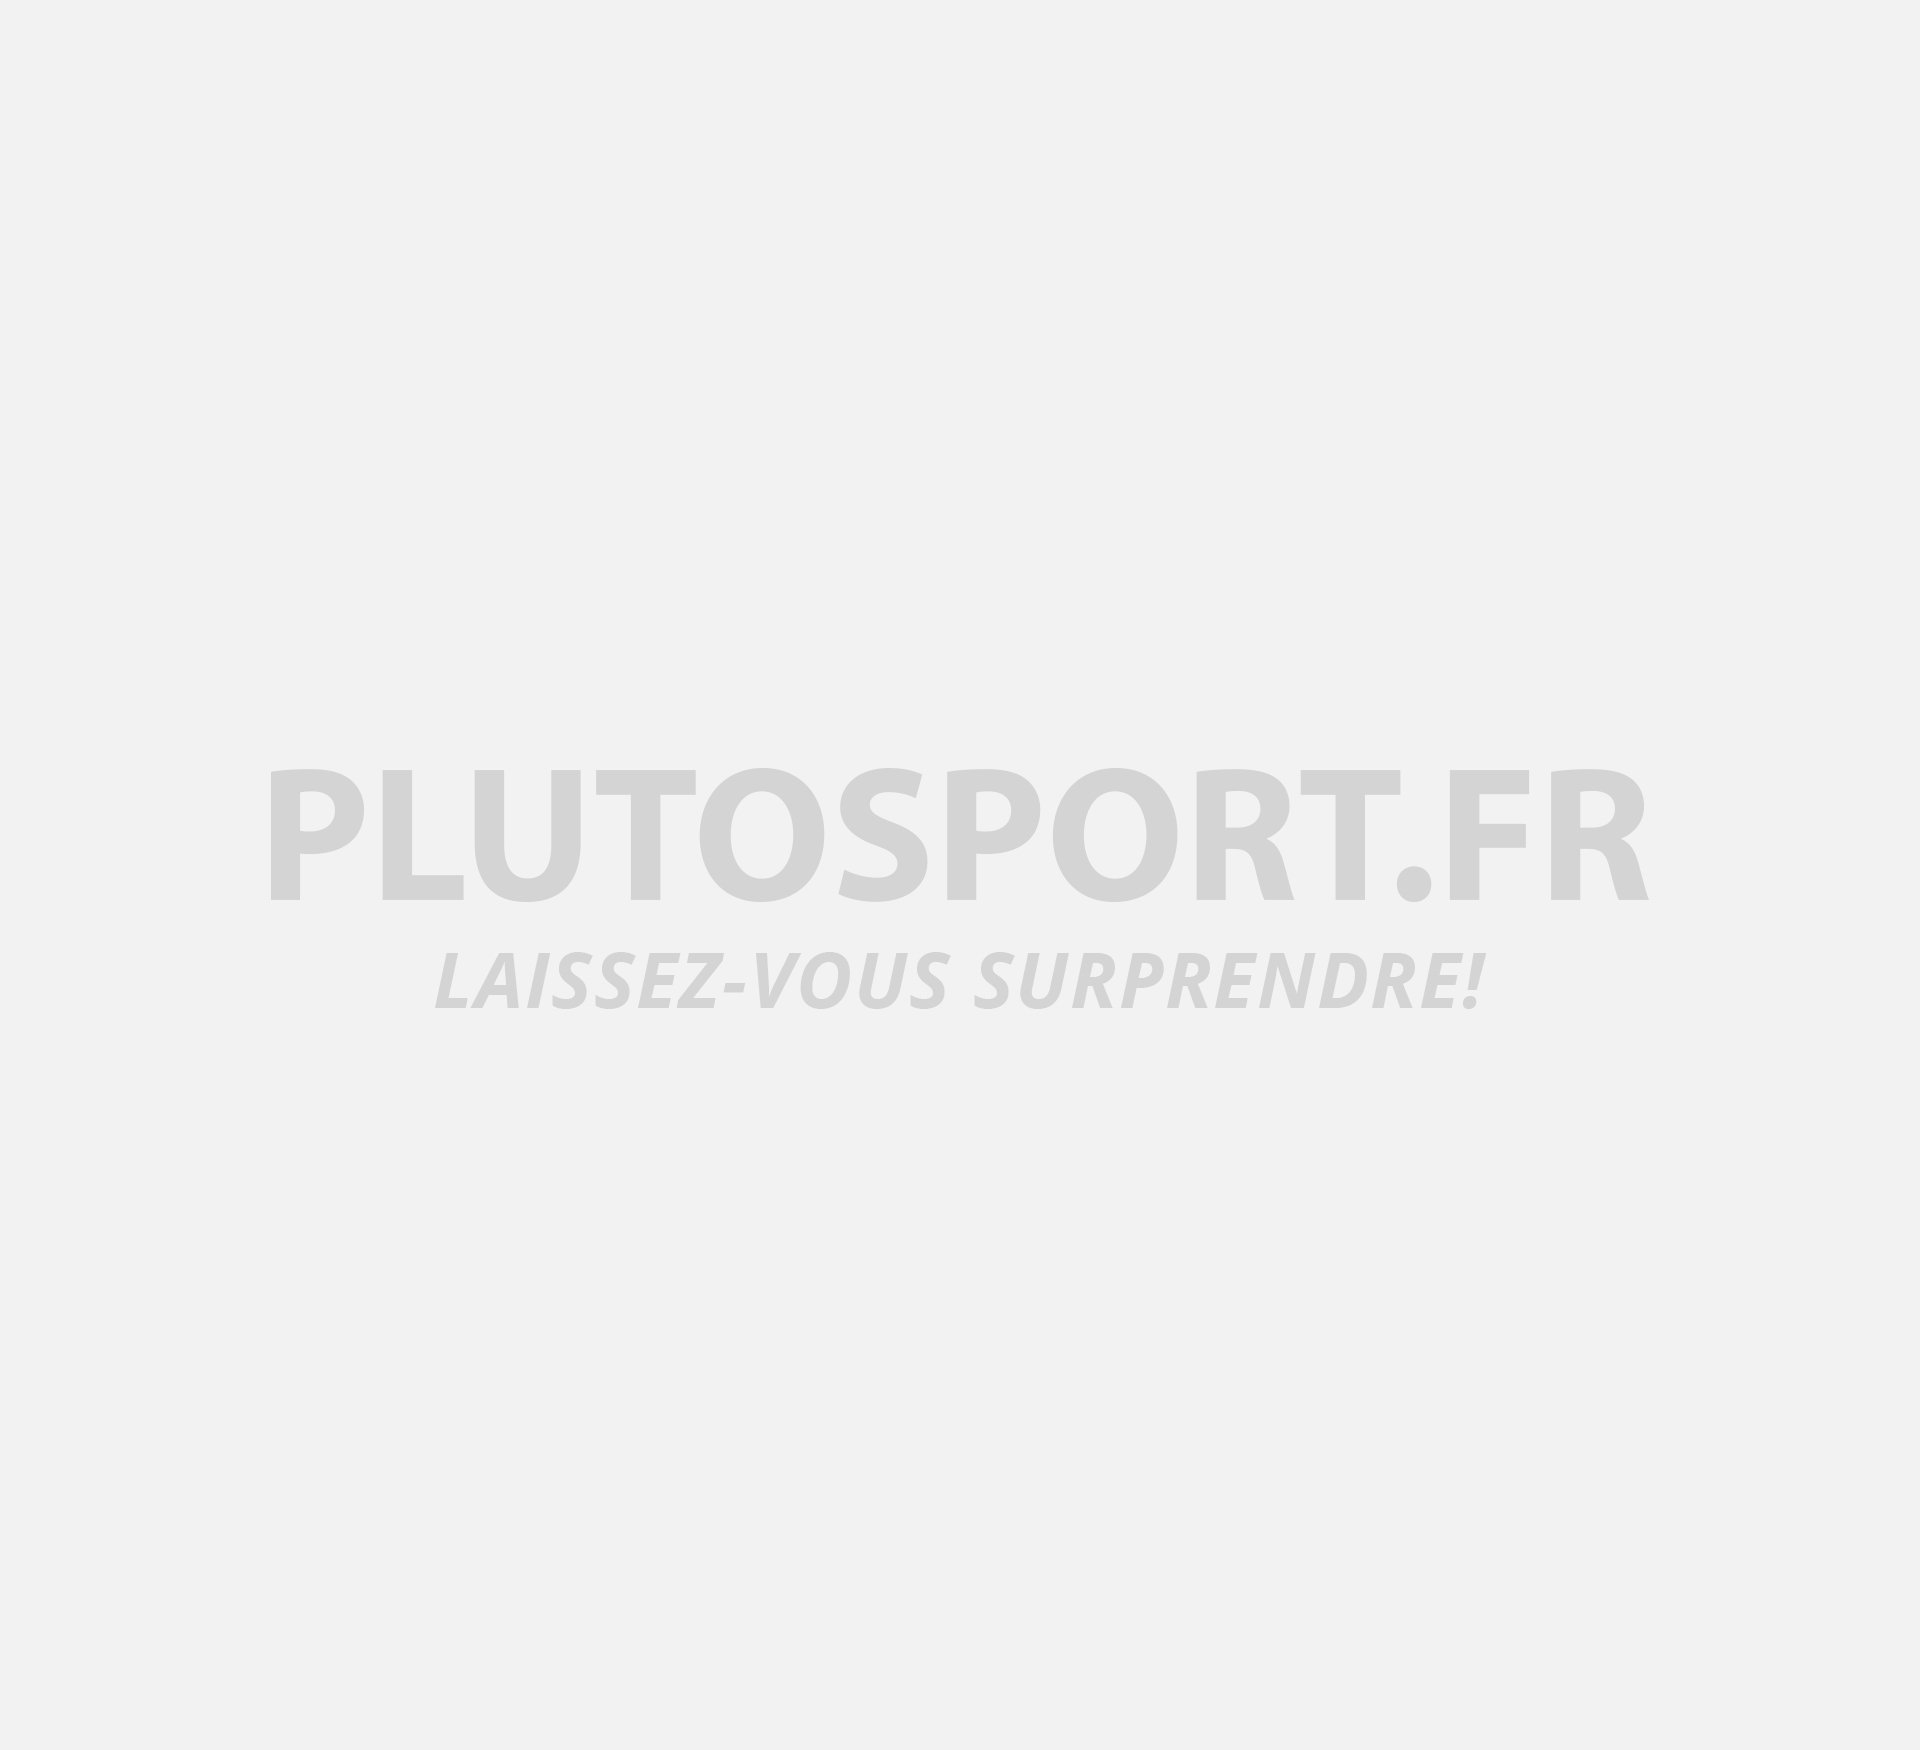 Chaussettes de ski Salomon Access Femme  (lot de 2)